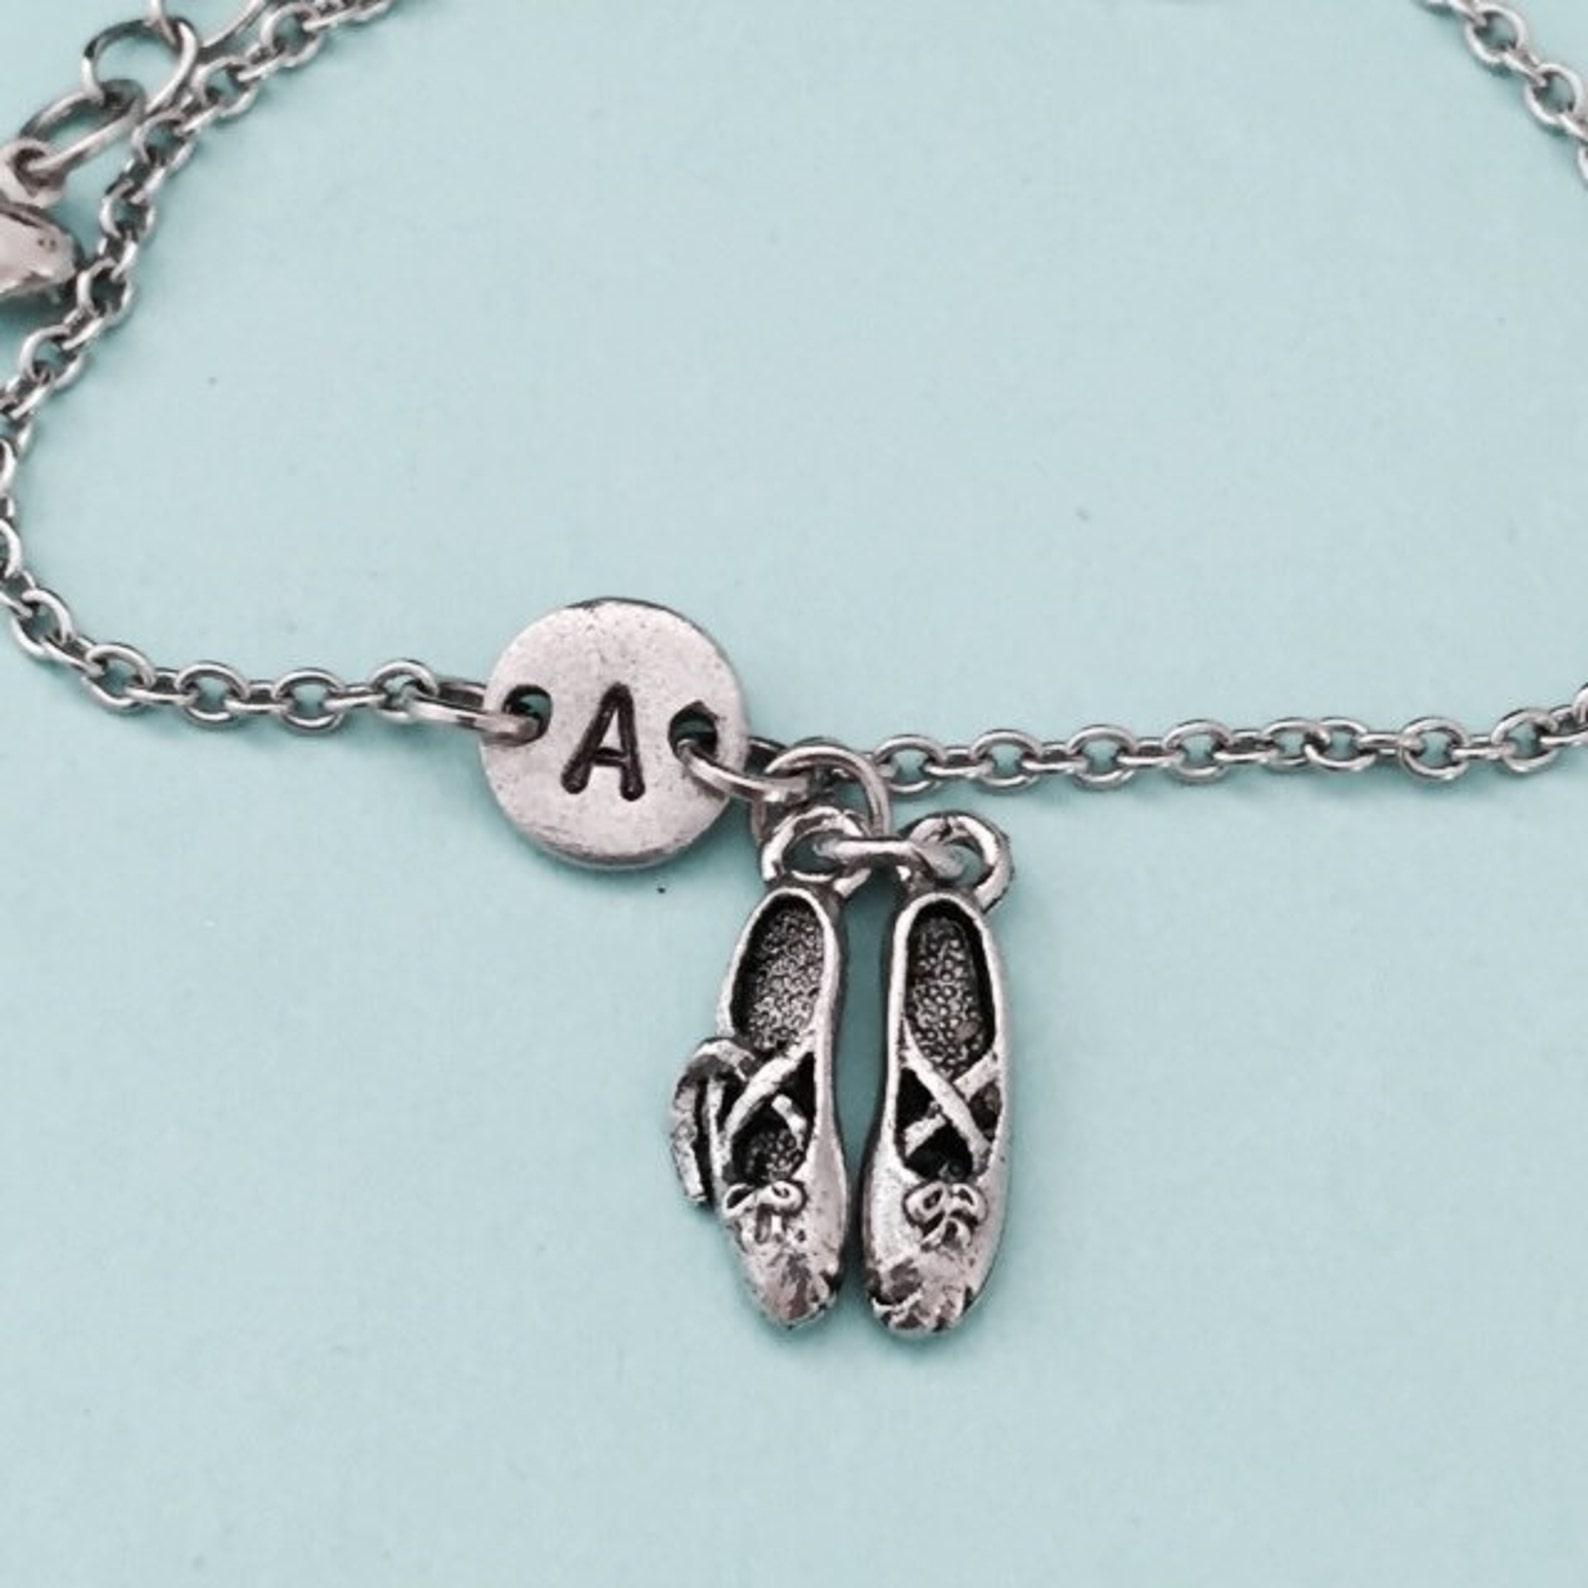 ballet shoes charm bracelet, ballet shoes charm, adjustable bracelet, ballet, personalized bracelet, initial bracelet, monogram